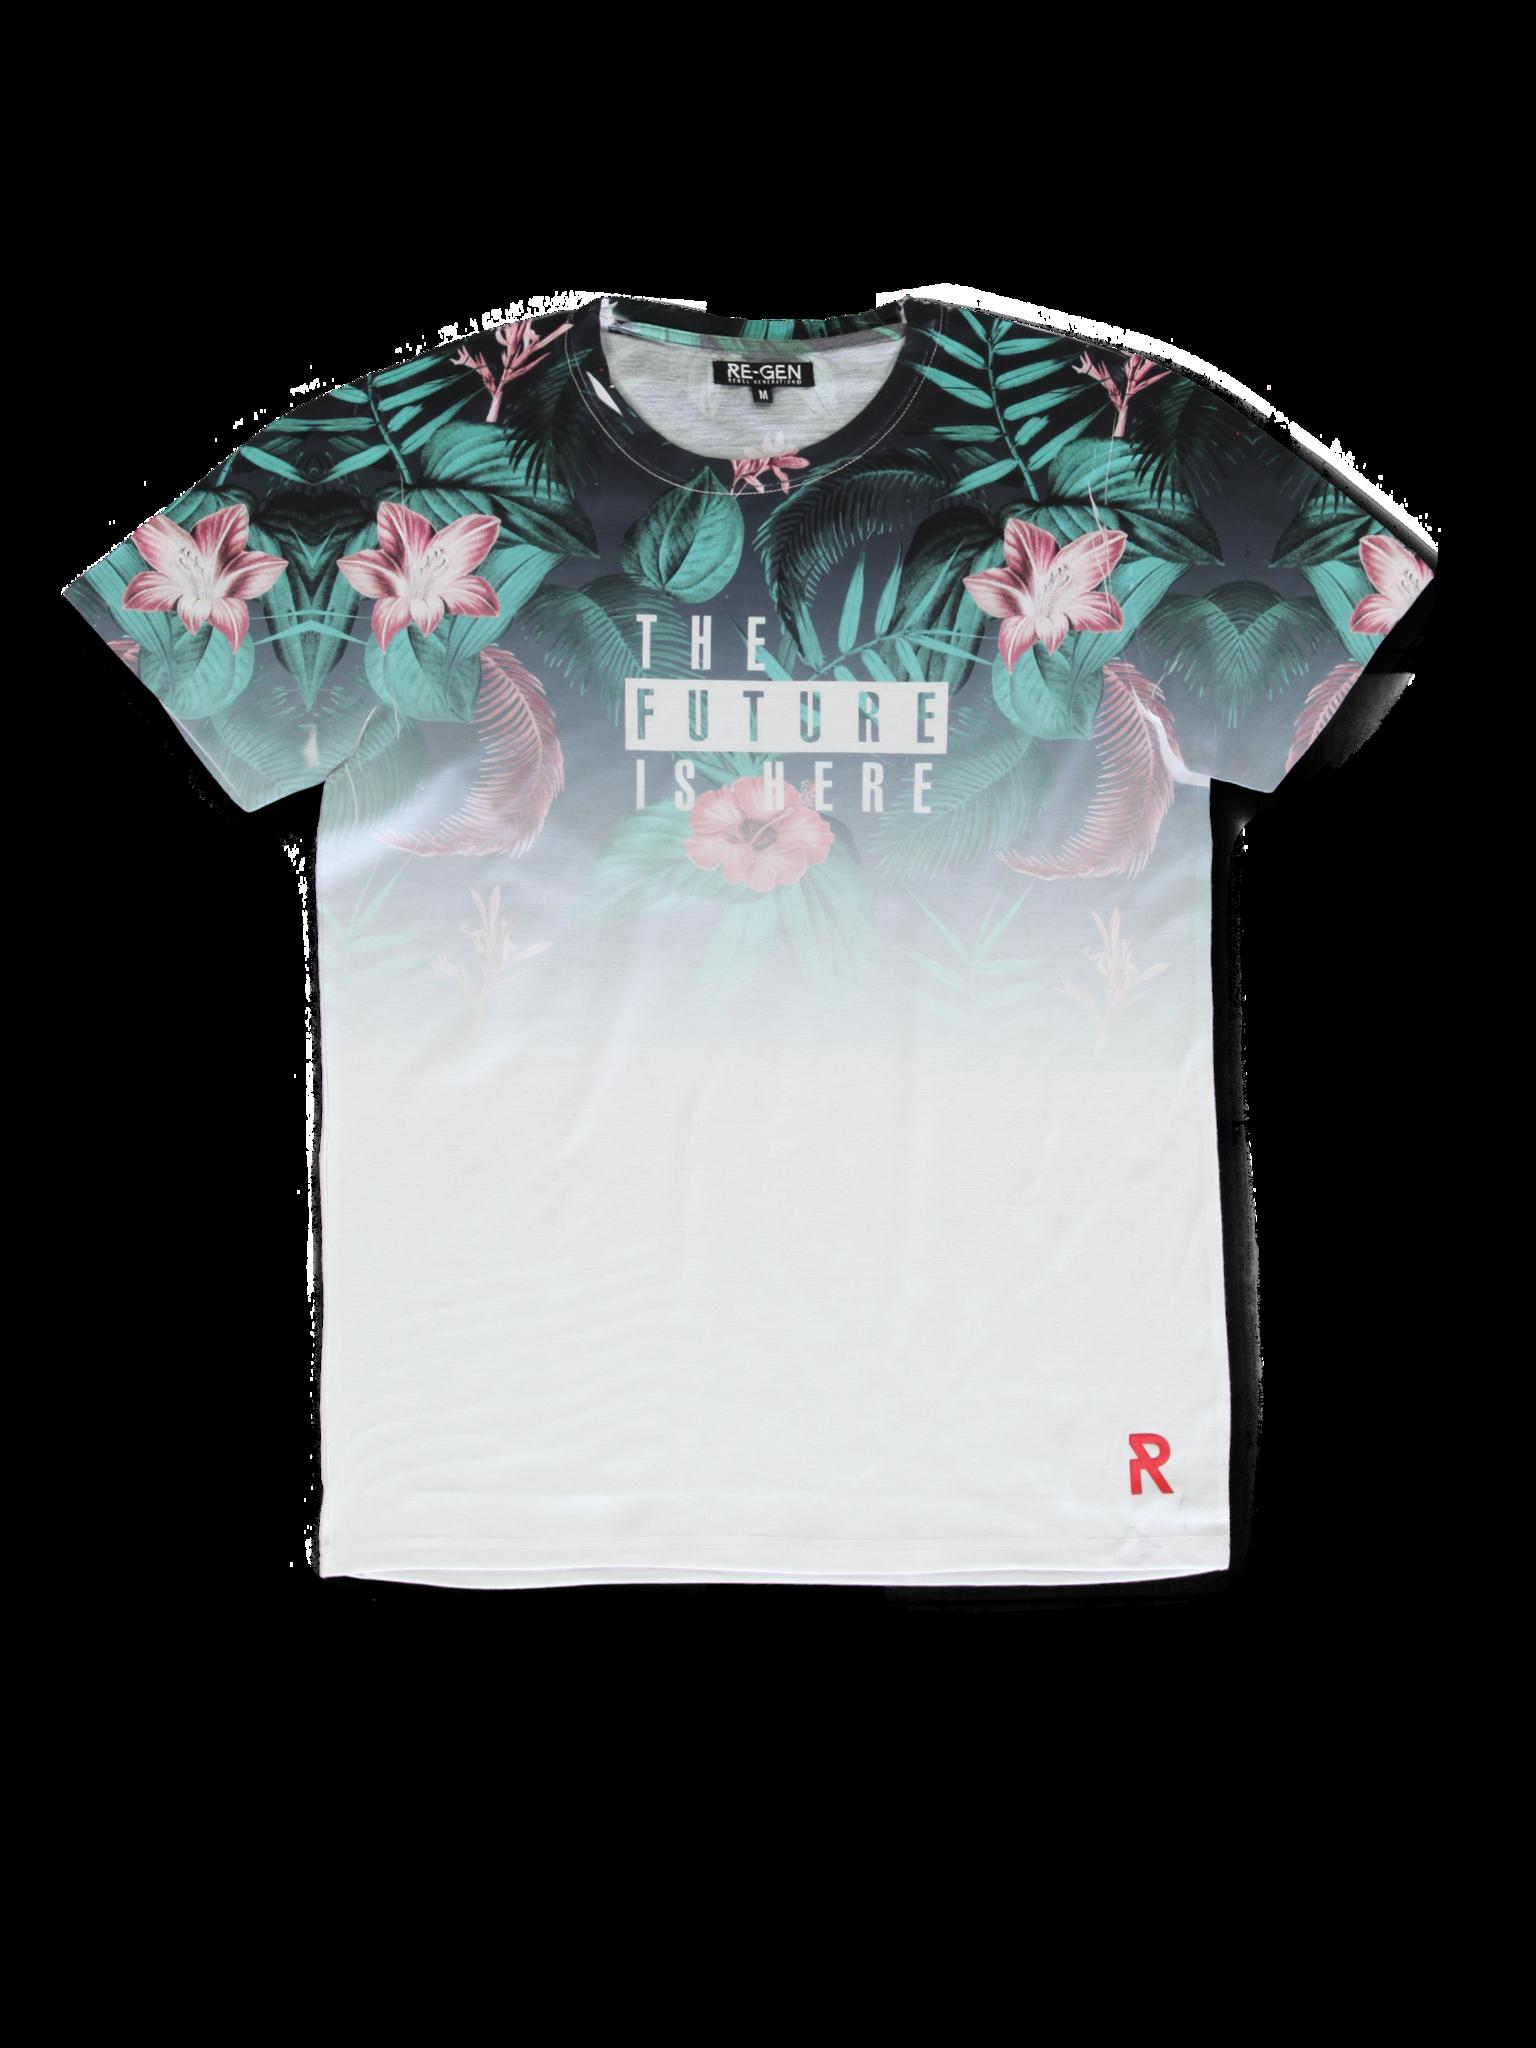 REGEN | Summer 2020 Teen Boys | T-shirt | 20 pcs/box